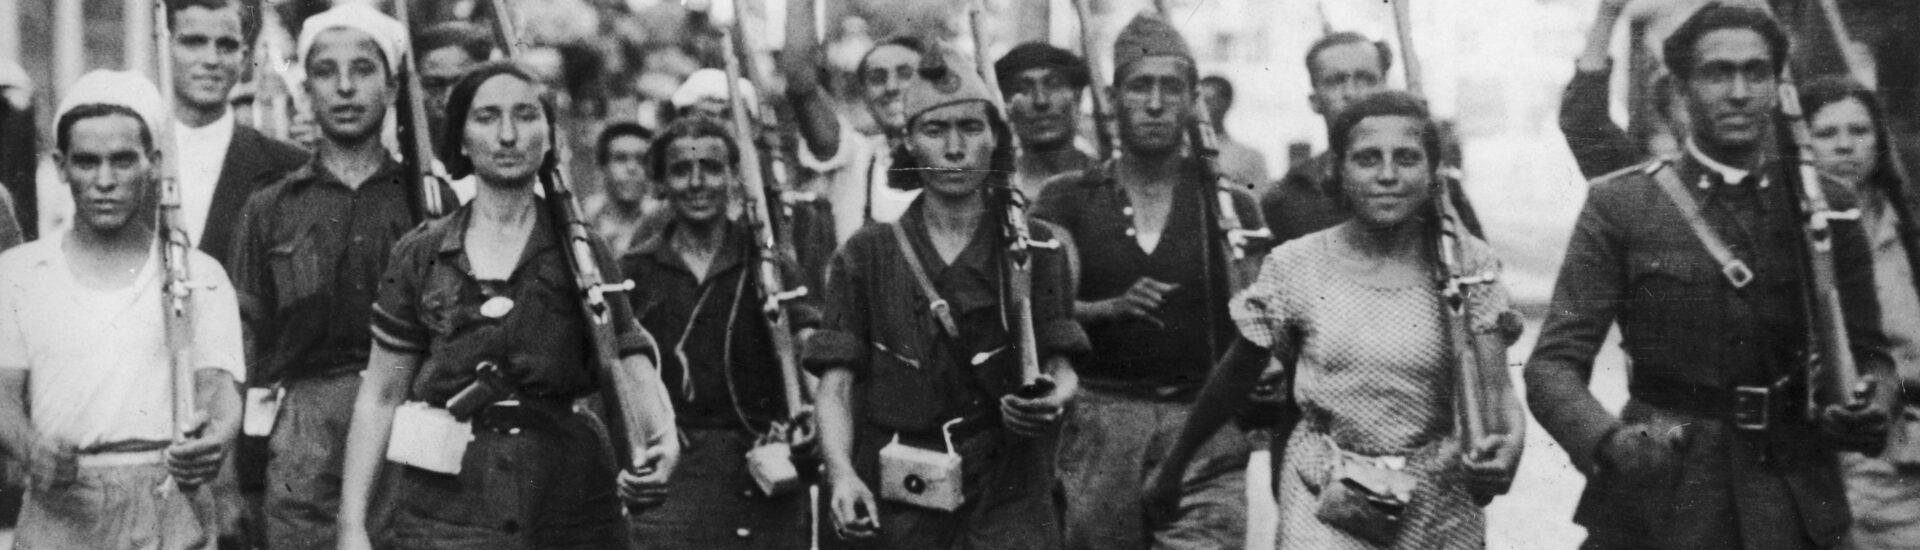 Βαρκελώνη : Τα γεγονότα του Μάη του 1937